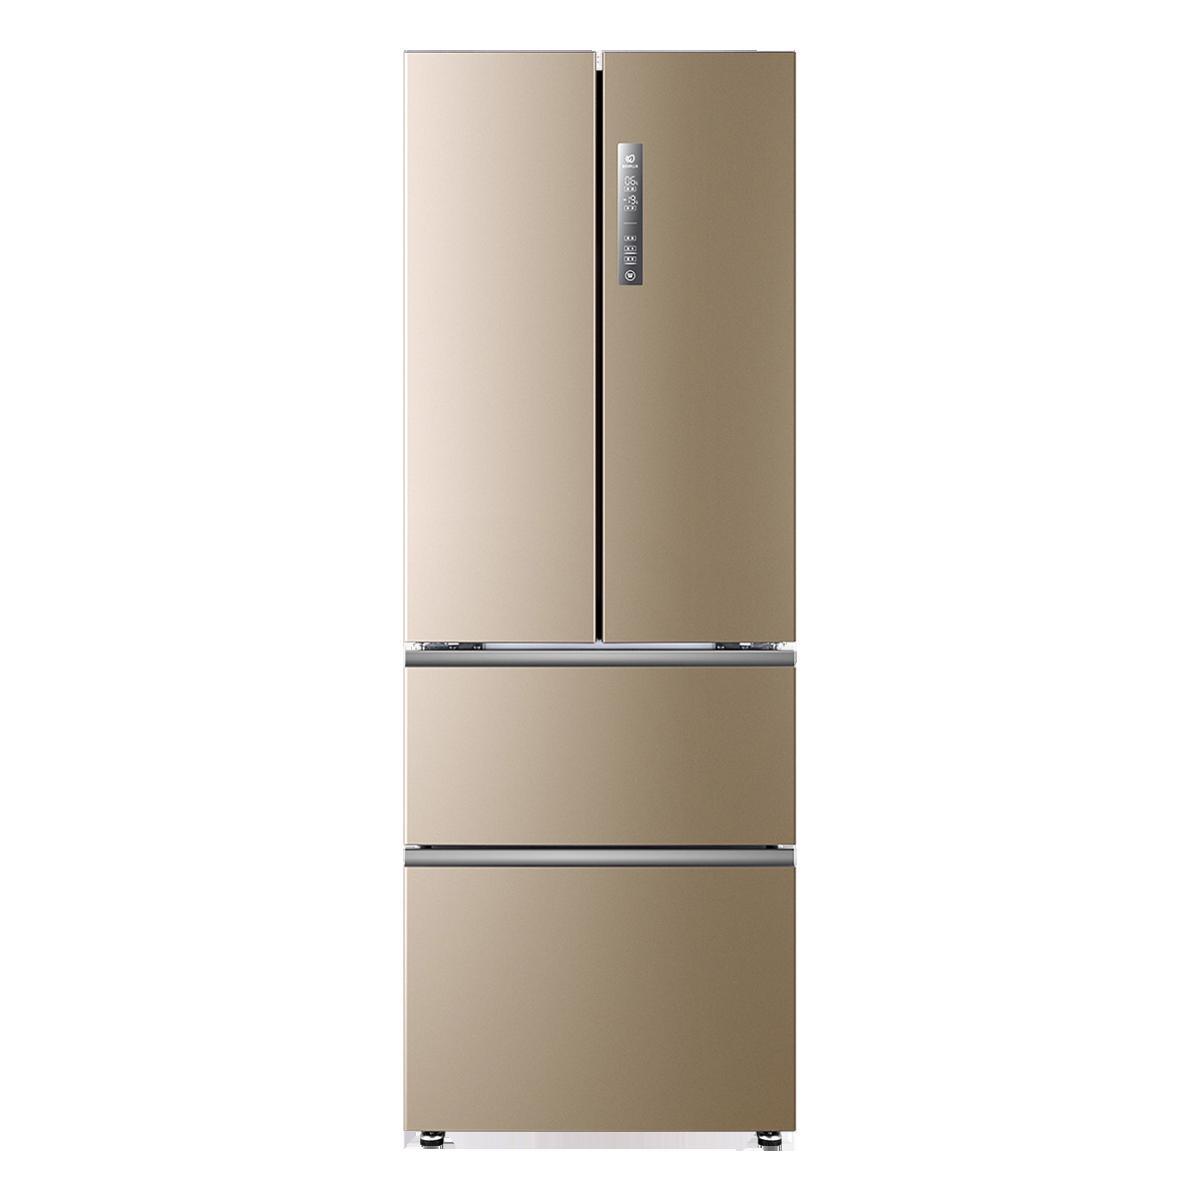 海尔Haier冰箱 BCD-331WDPT 说明书